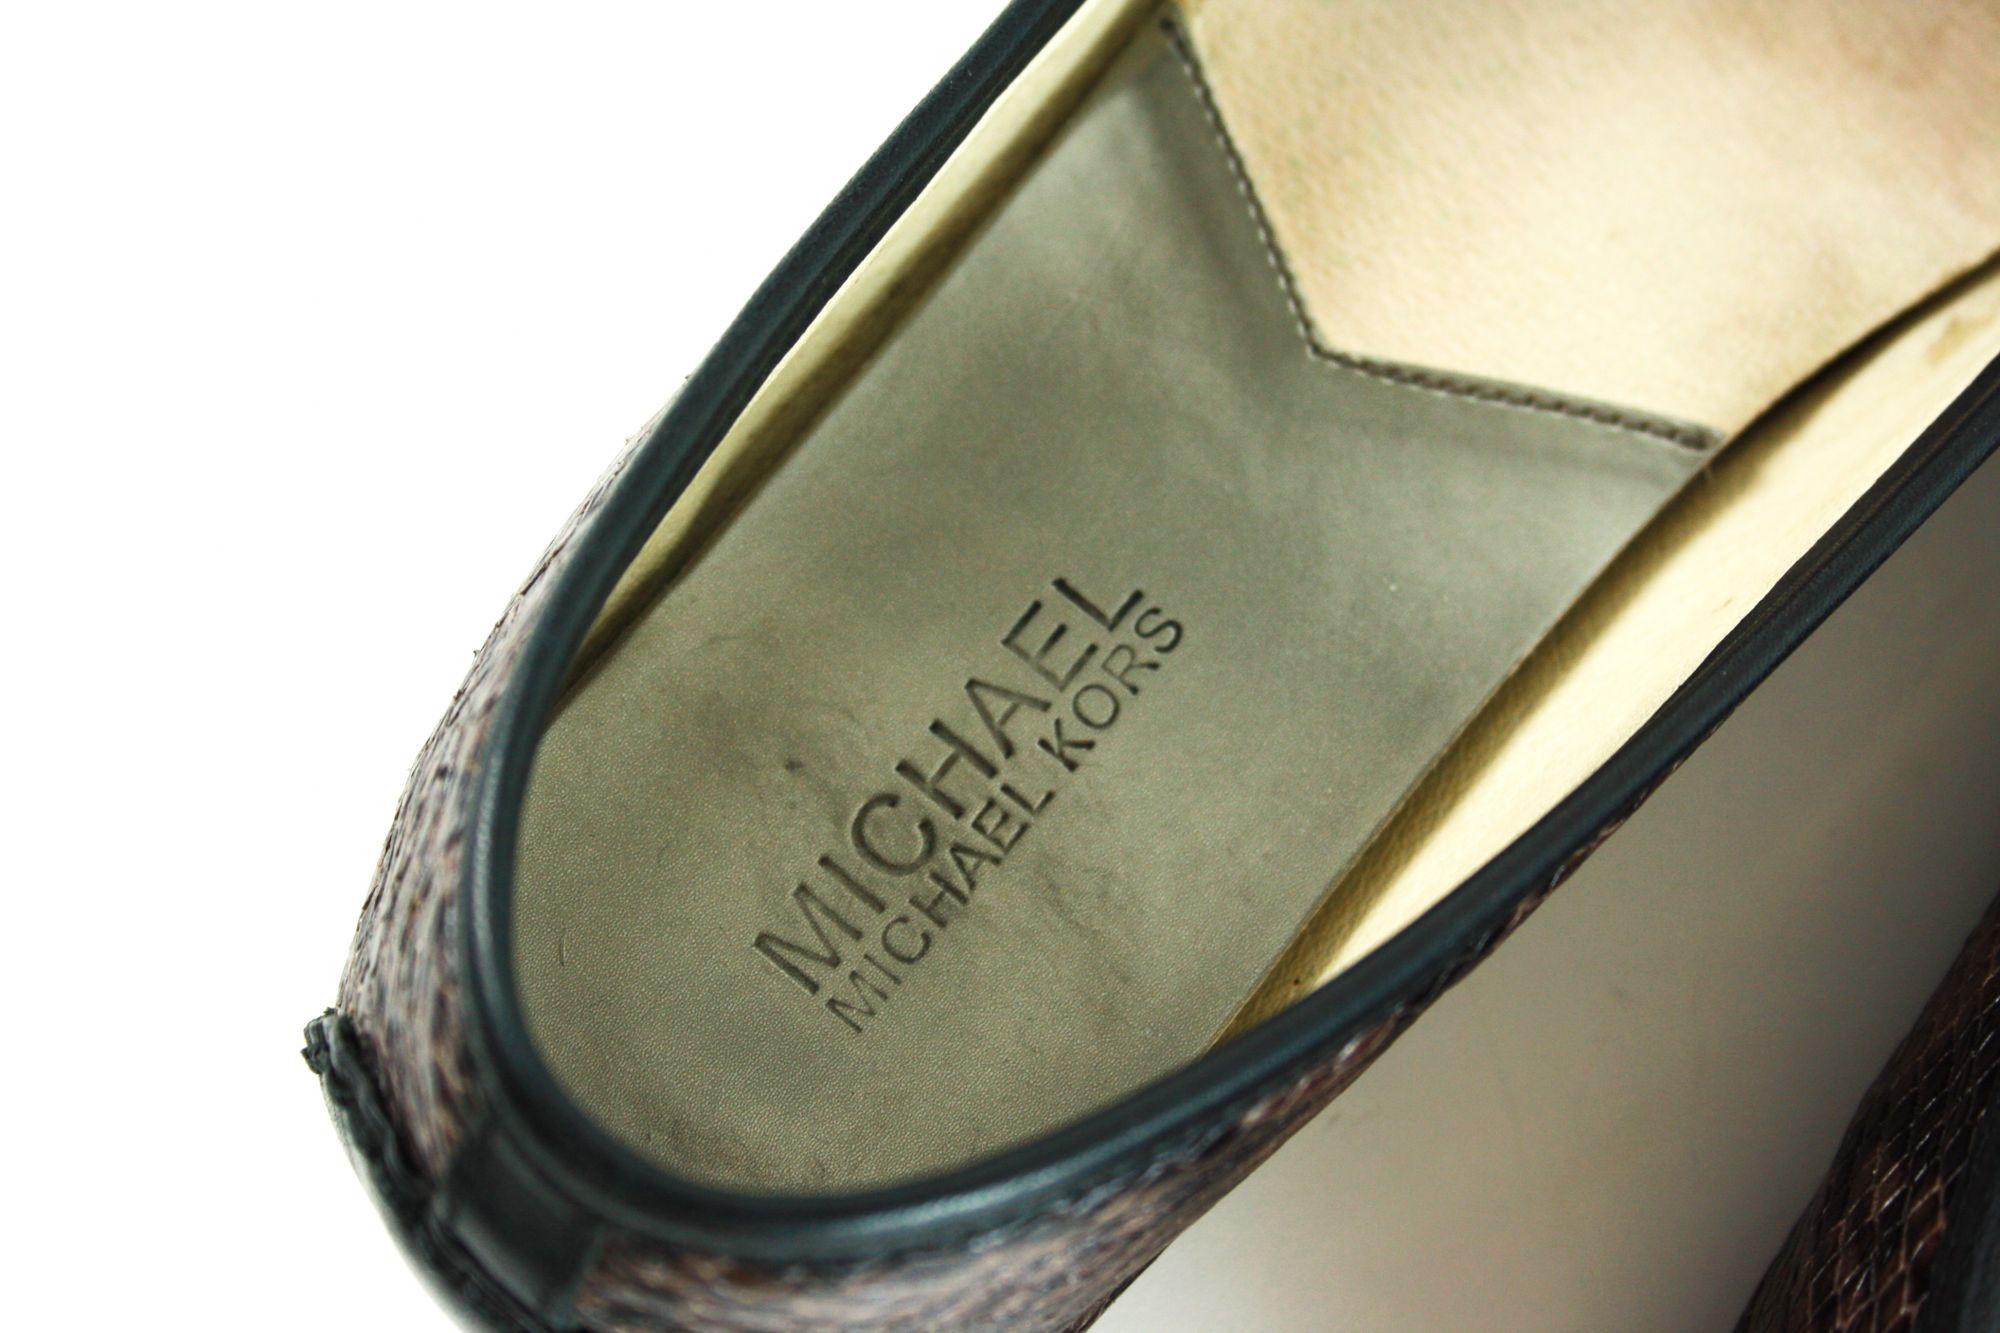 Snakeskin Ballerina Flats (Size- 8M)